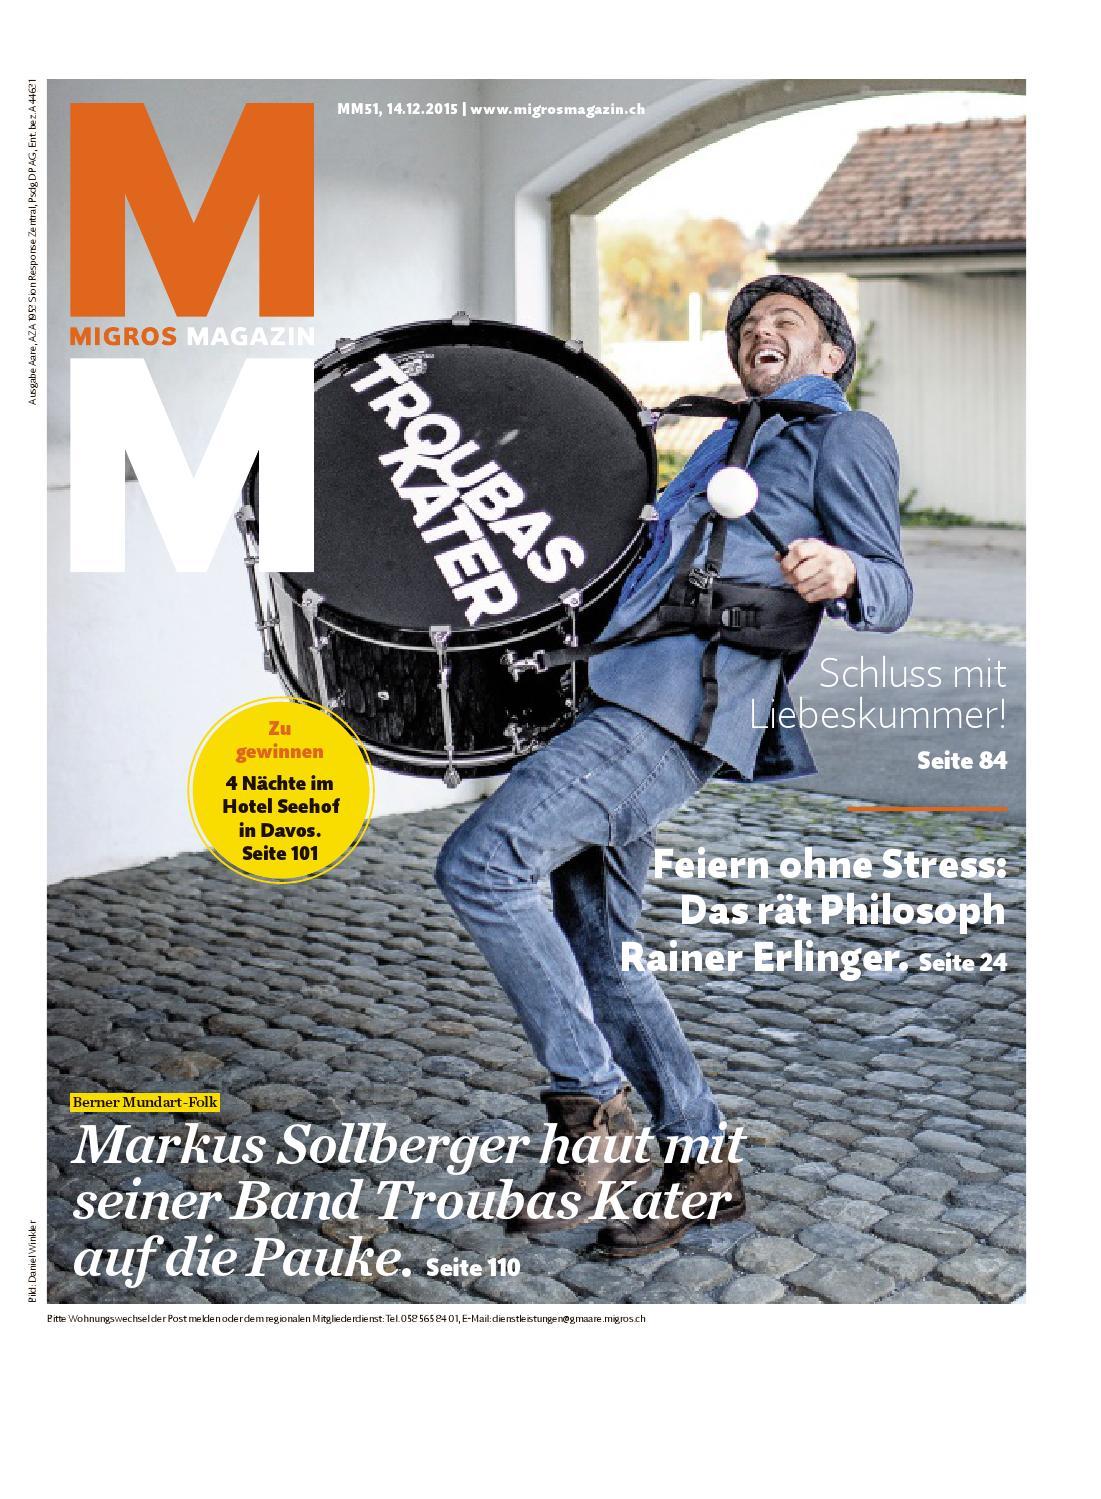 Migros Magazin 51 2015 D Aa By Migros Genossenschafts Bund Issuu